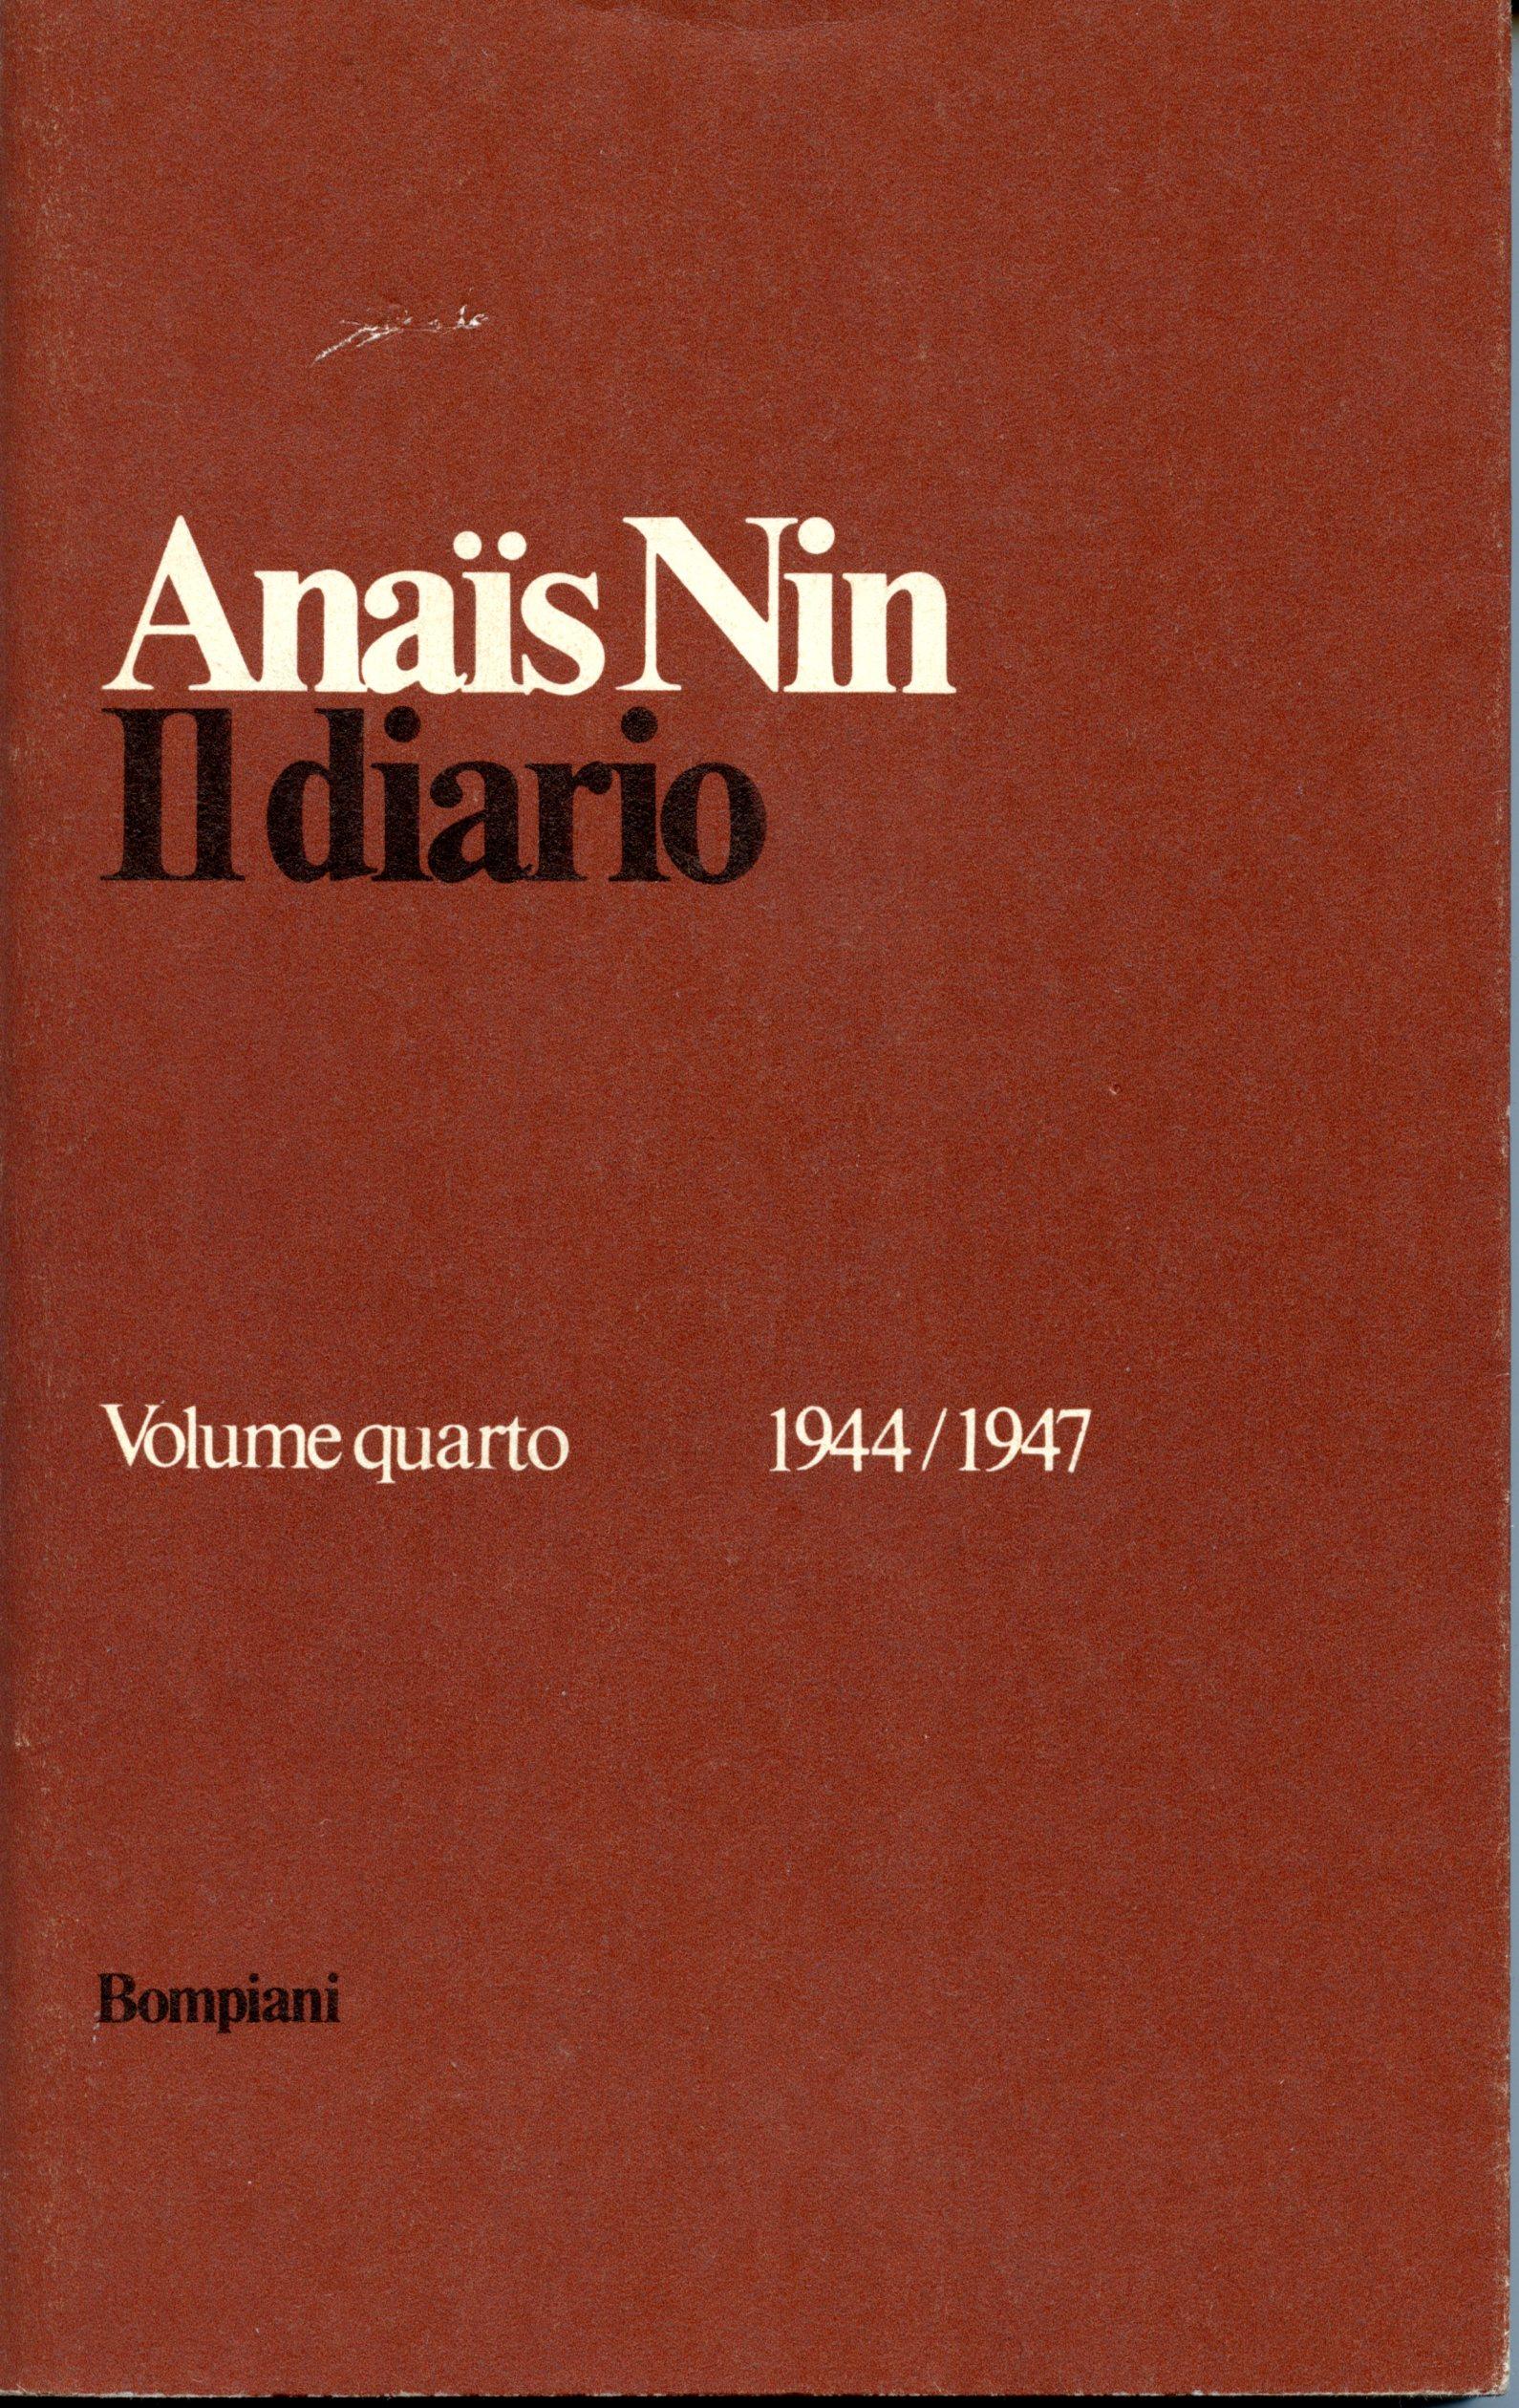 Il diario - vol. IV